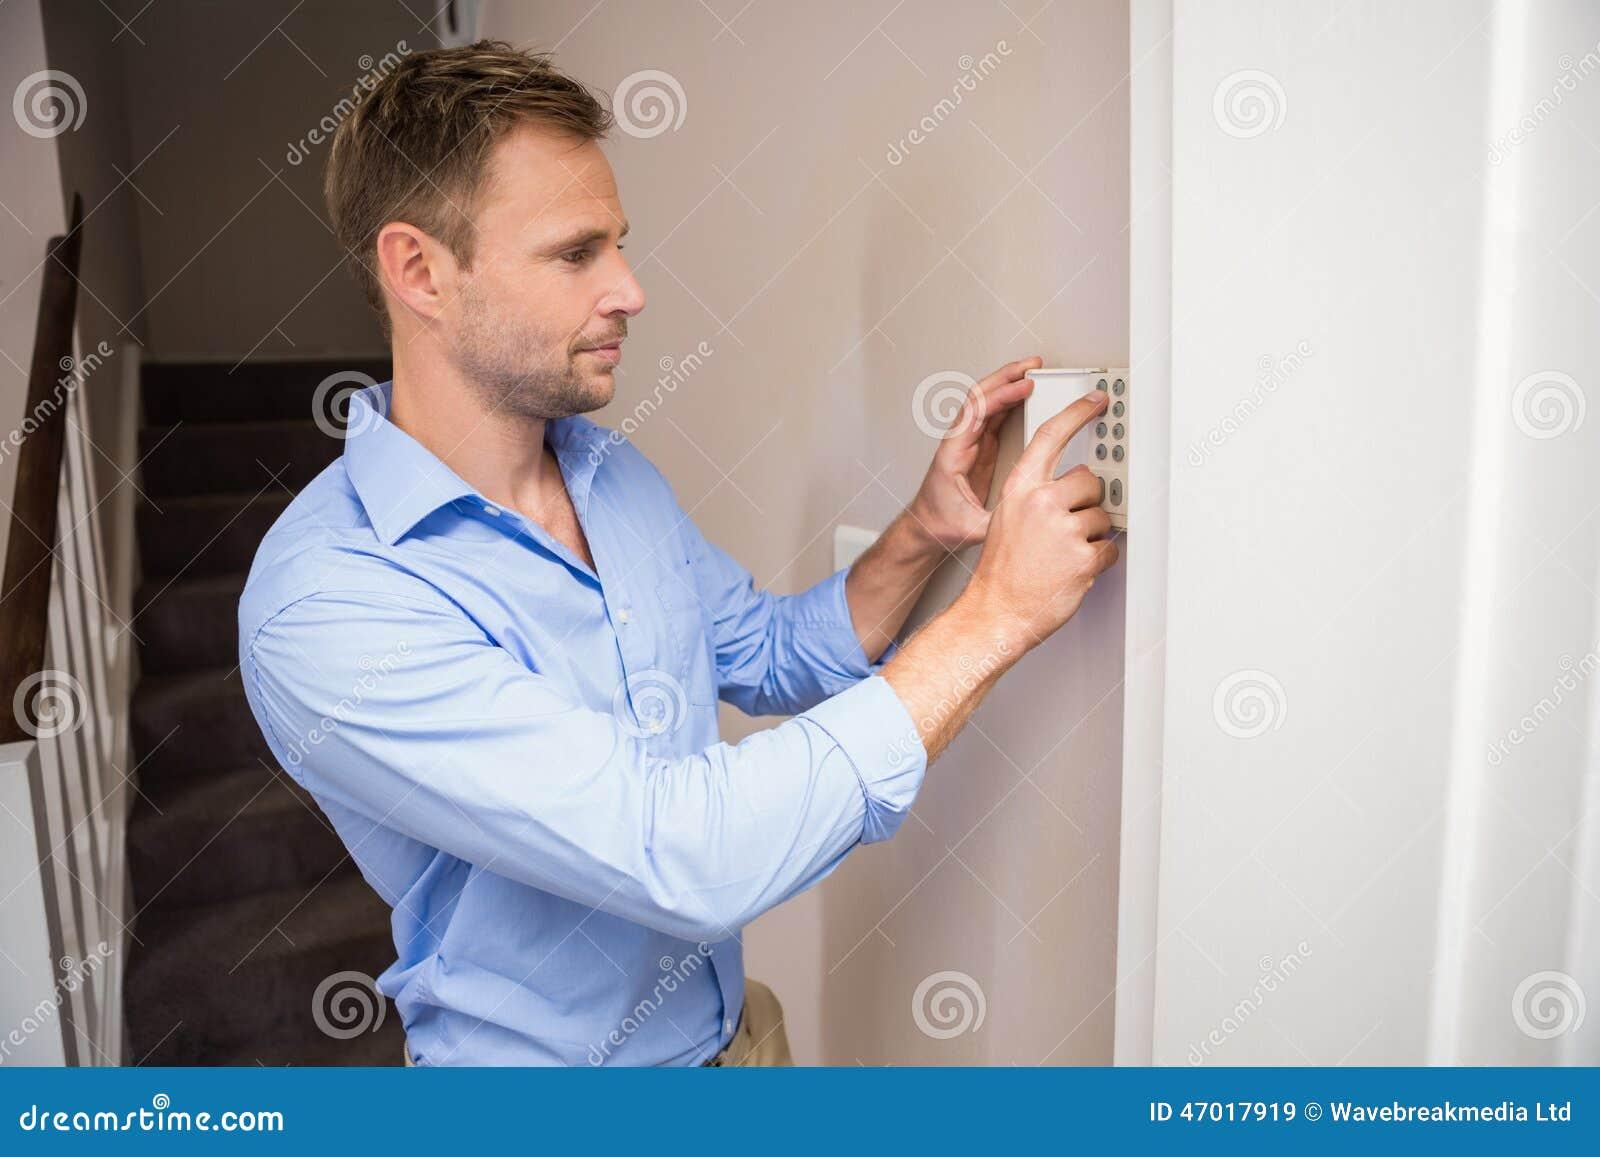 Uomo che arma un allarme domestico